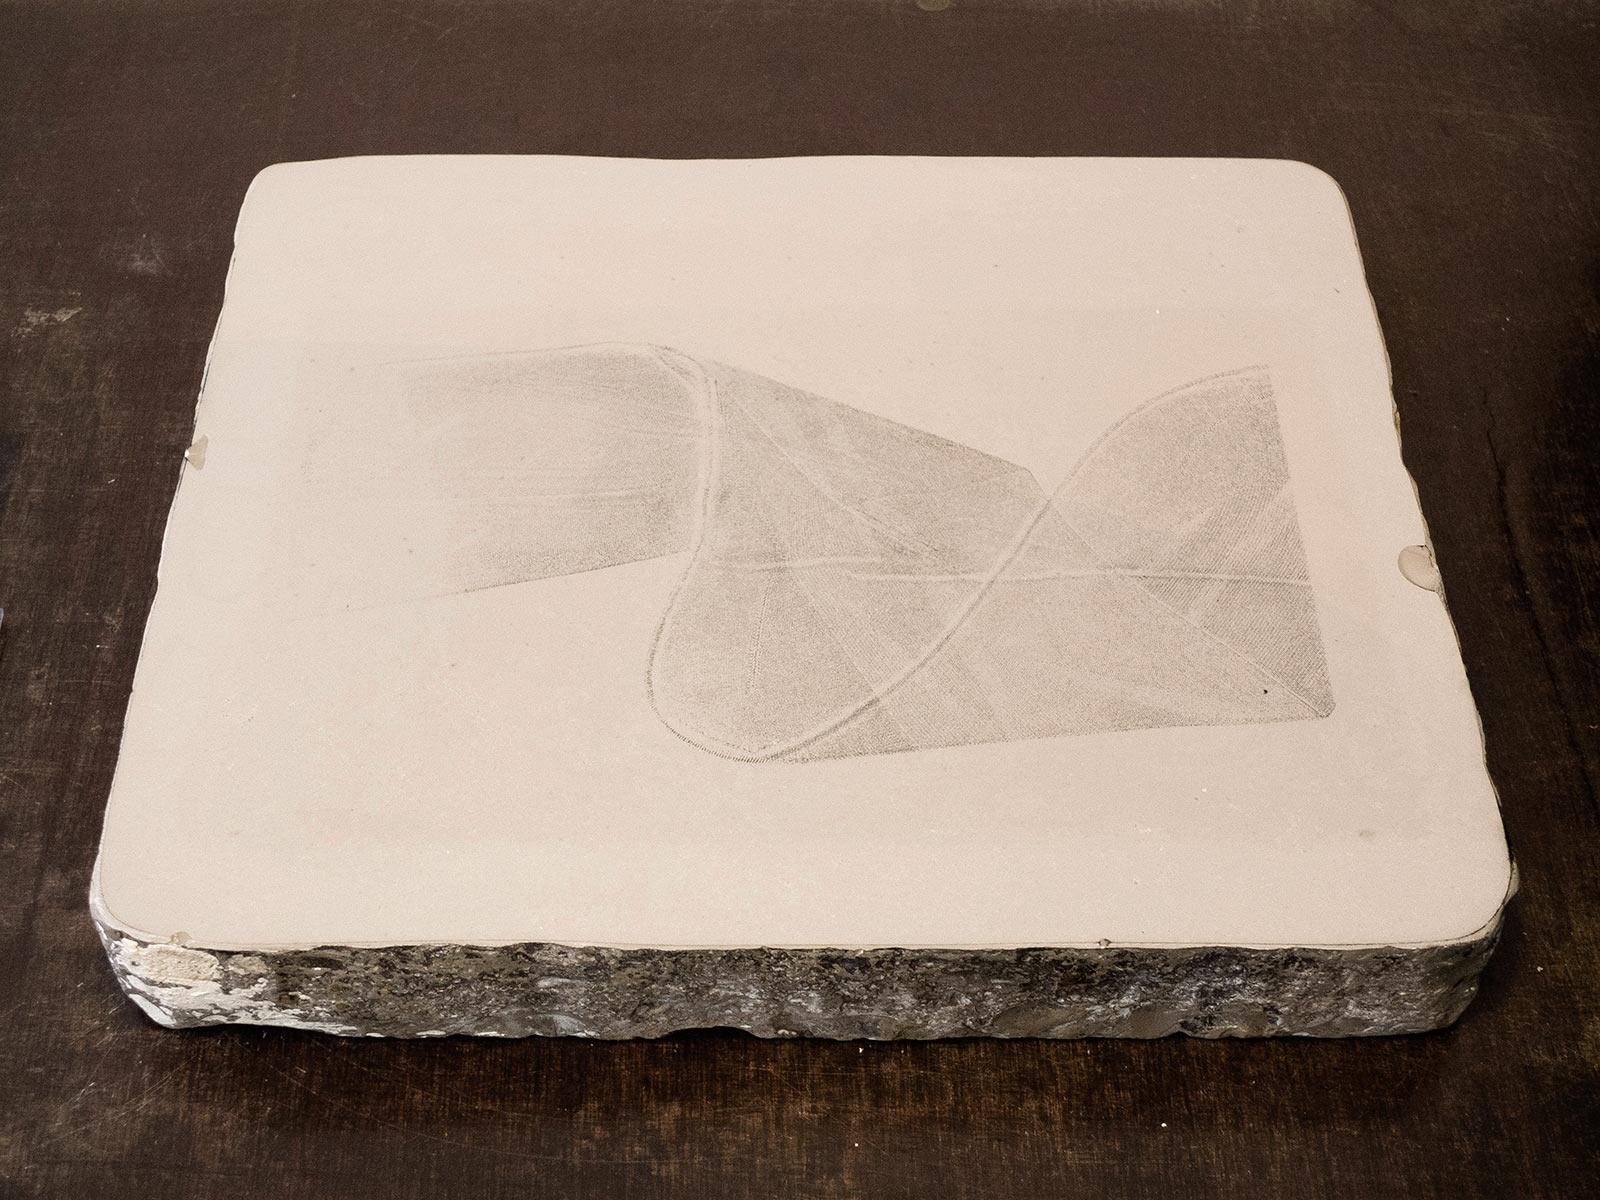 Ein mit einem Strumpf bedruckter Stein für die Lithografie